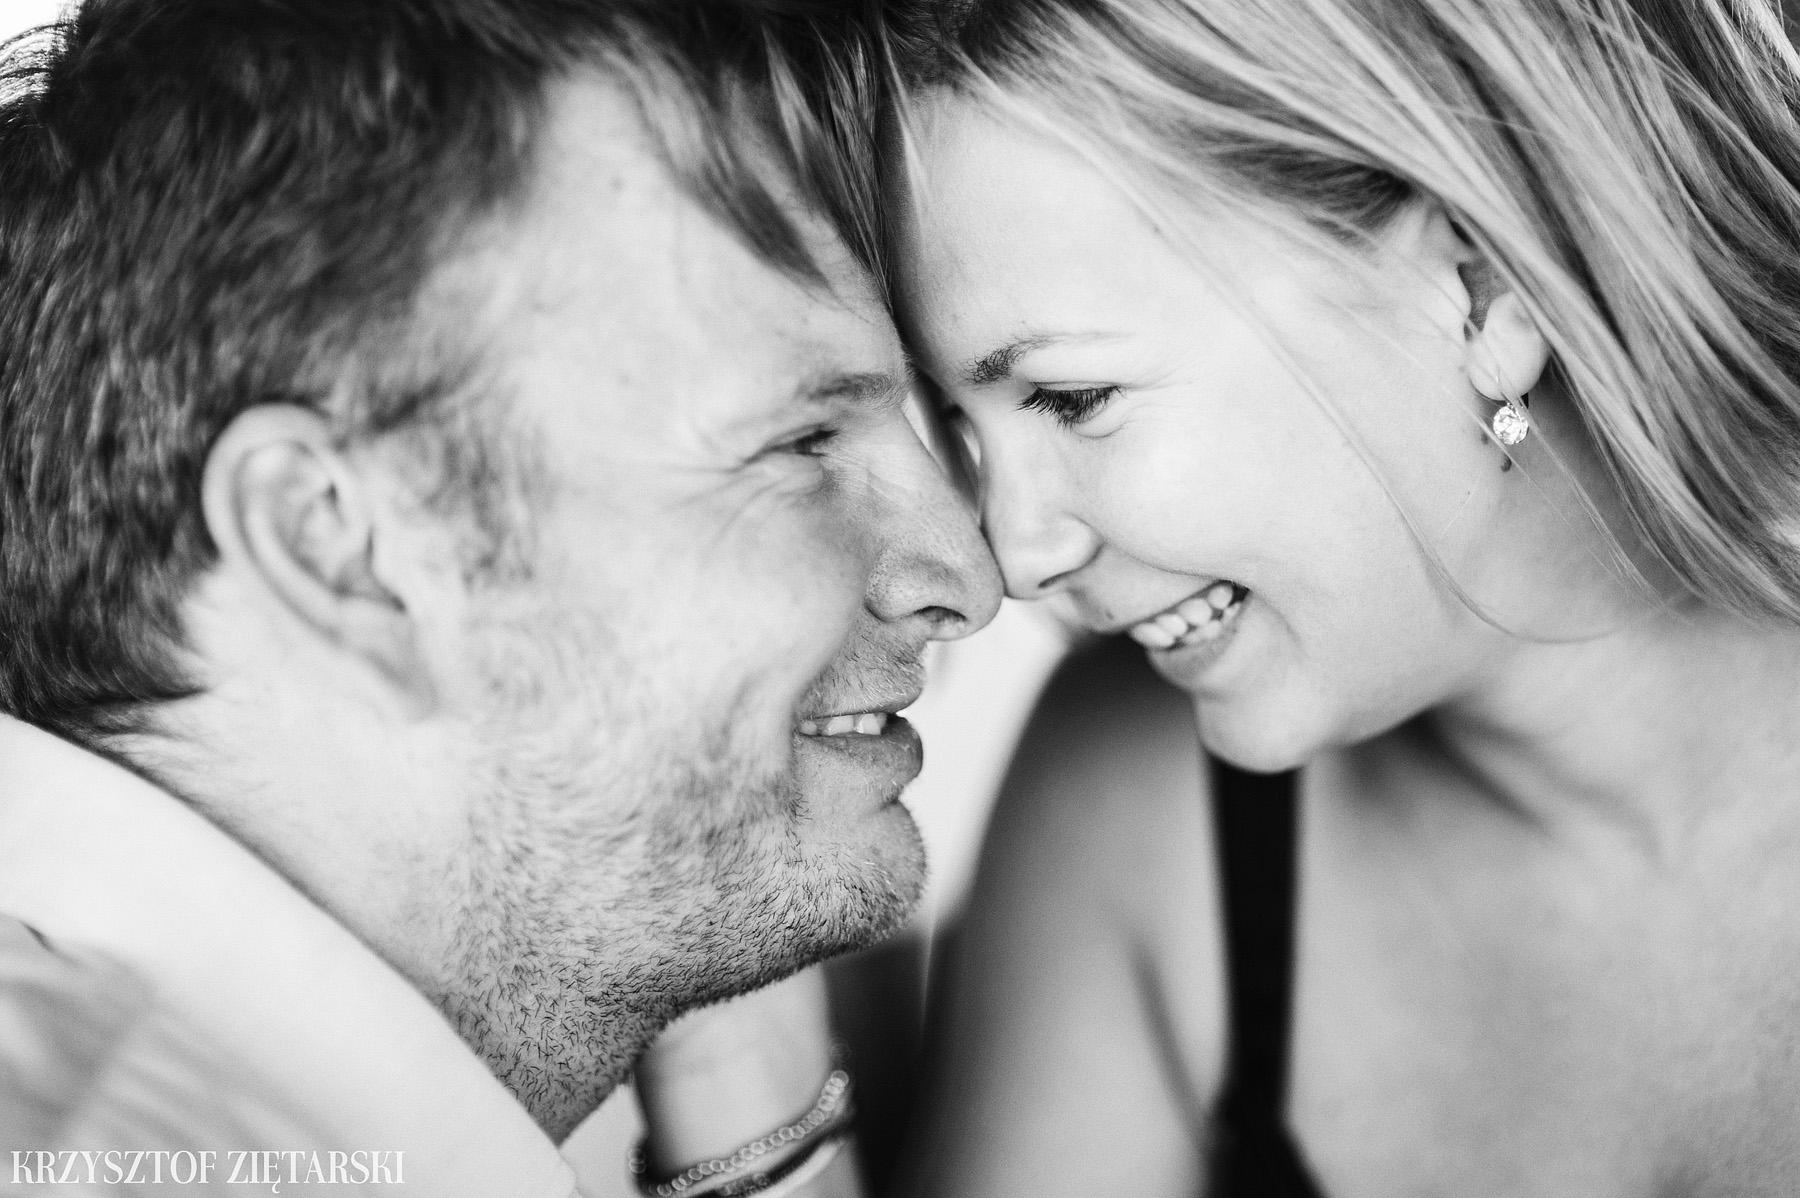 Ania i Mikkel - sesja fotograficzna na rocznicę ślubu w Sopocie, prezent na rocznicę ślubu - 11.